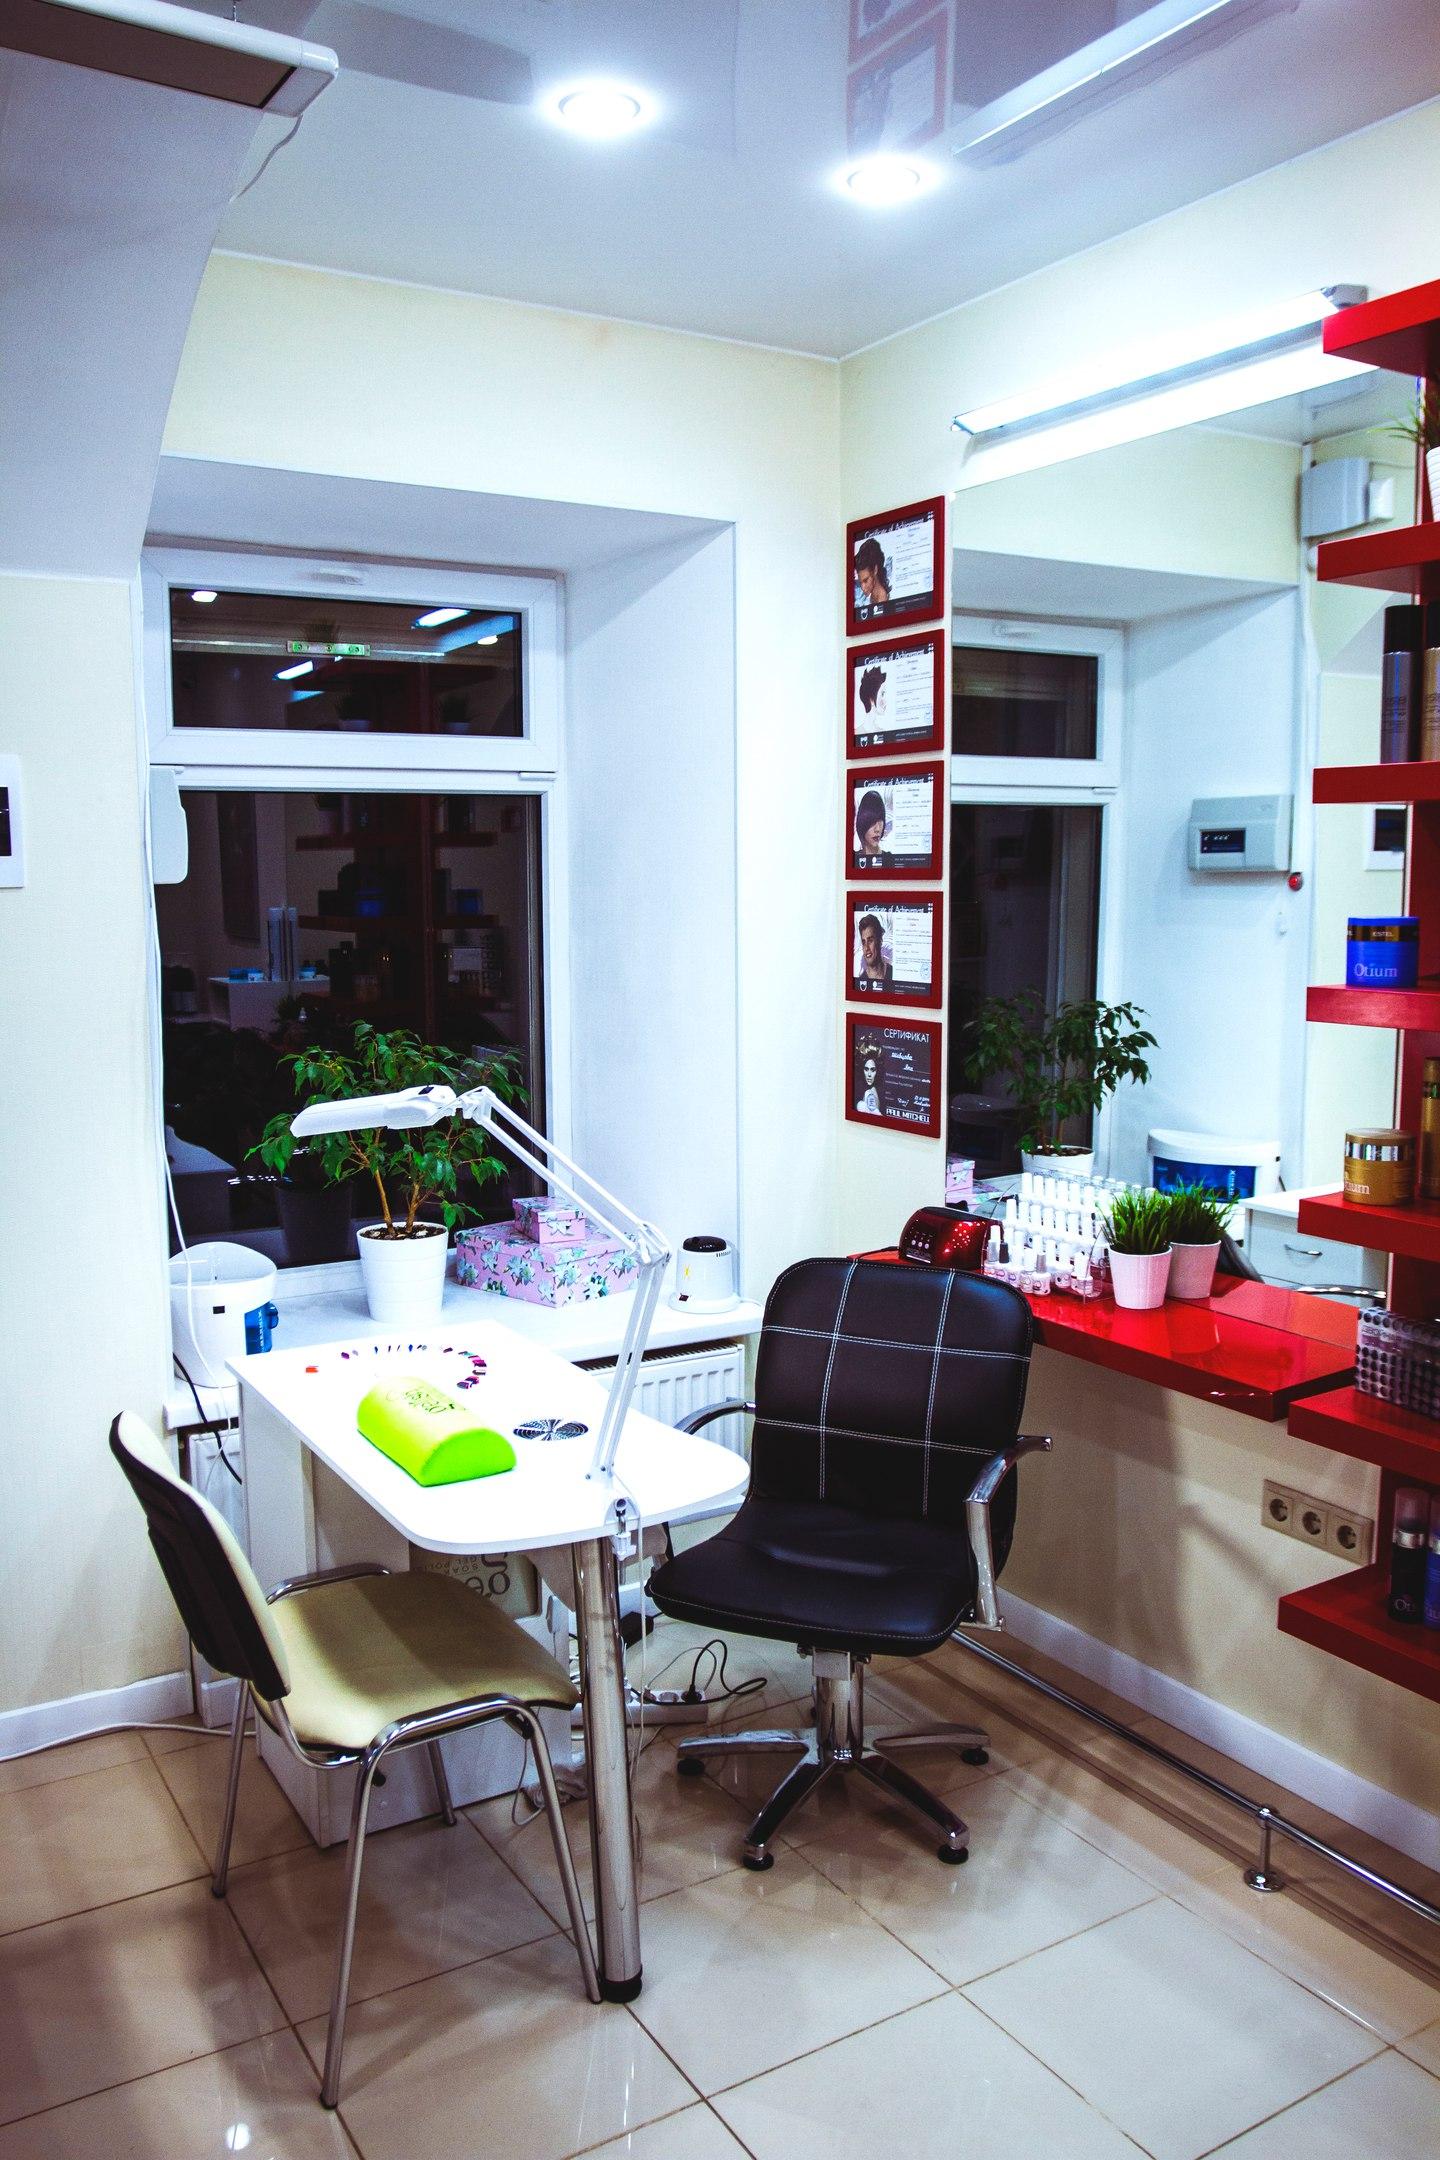 Парикмахерская Барбарис: отзывы и цены салонов красоты